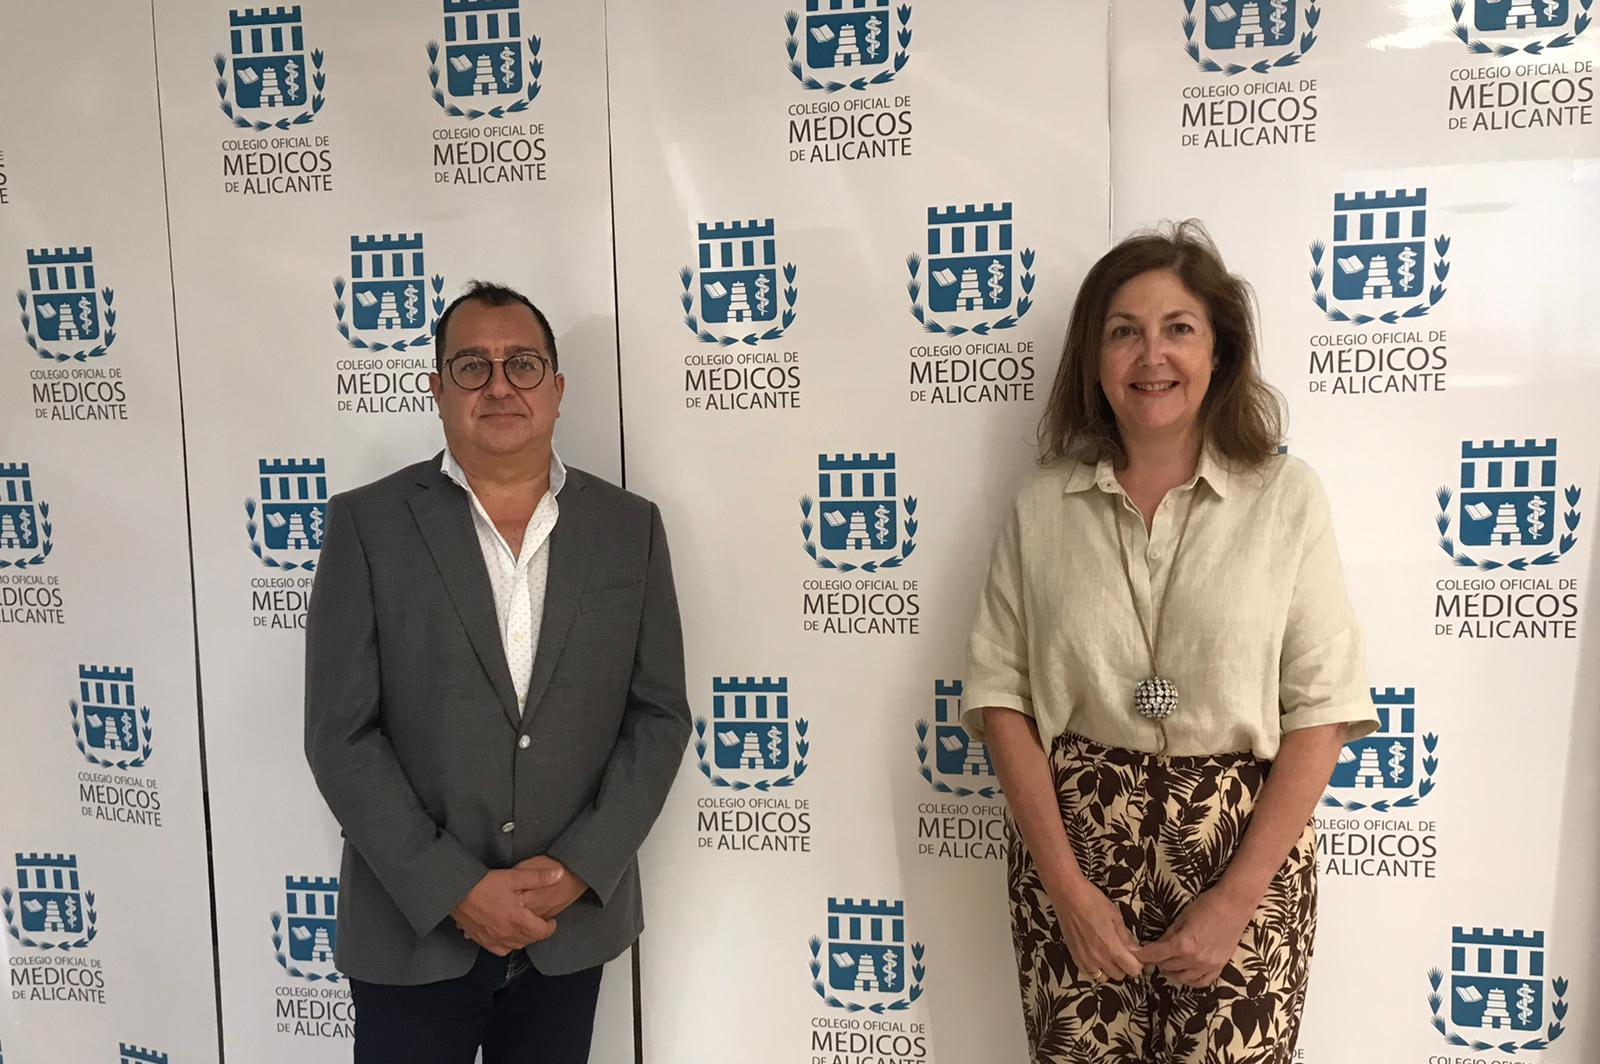 Carlos Fornes se reúne con la presidenta del Colegio de Médicos de Alicante